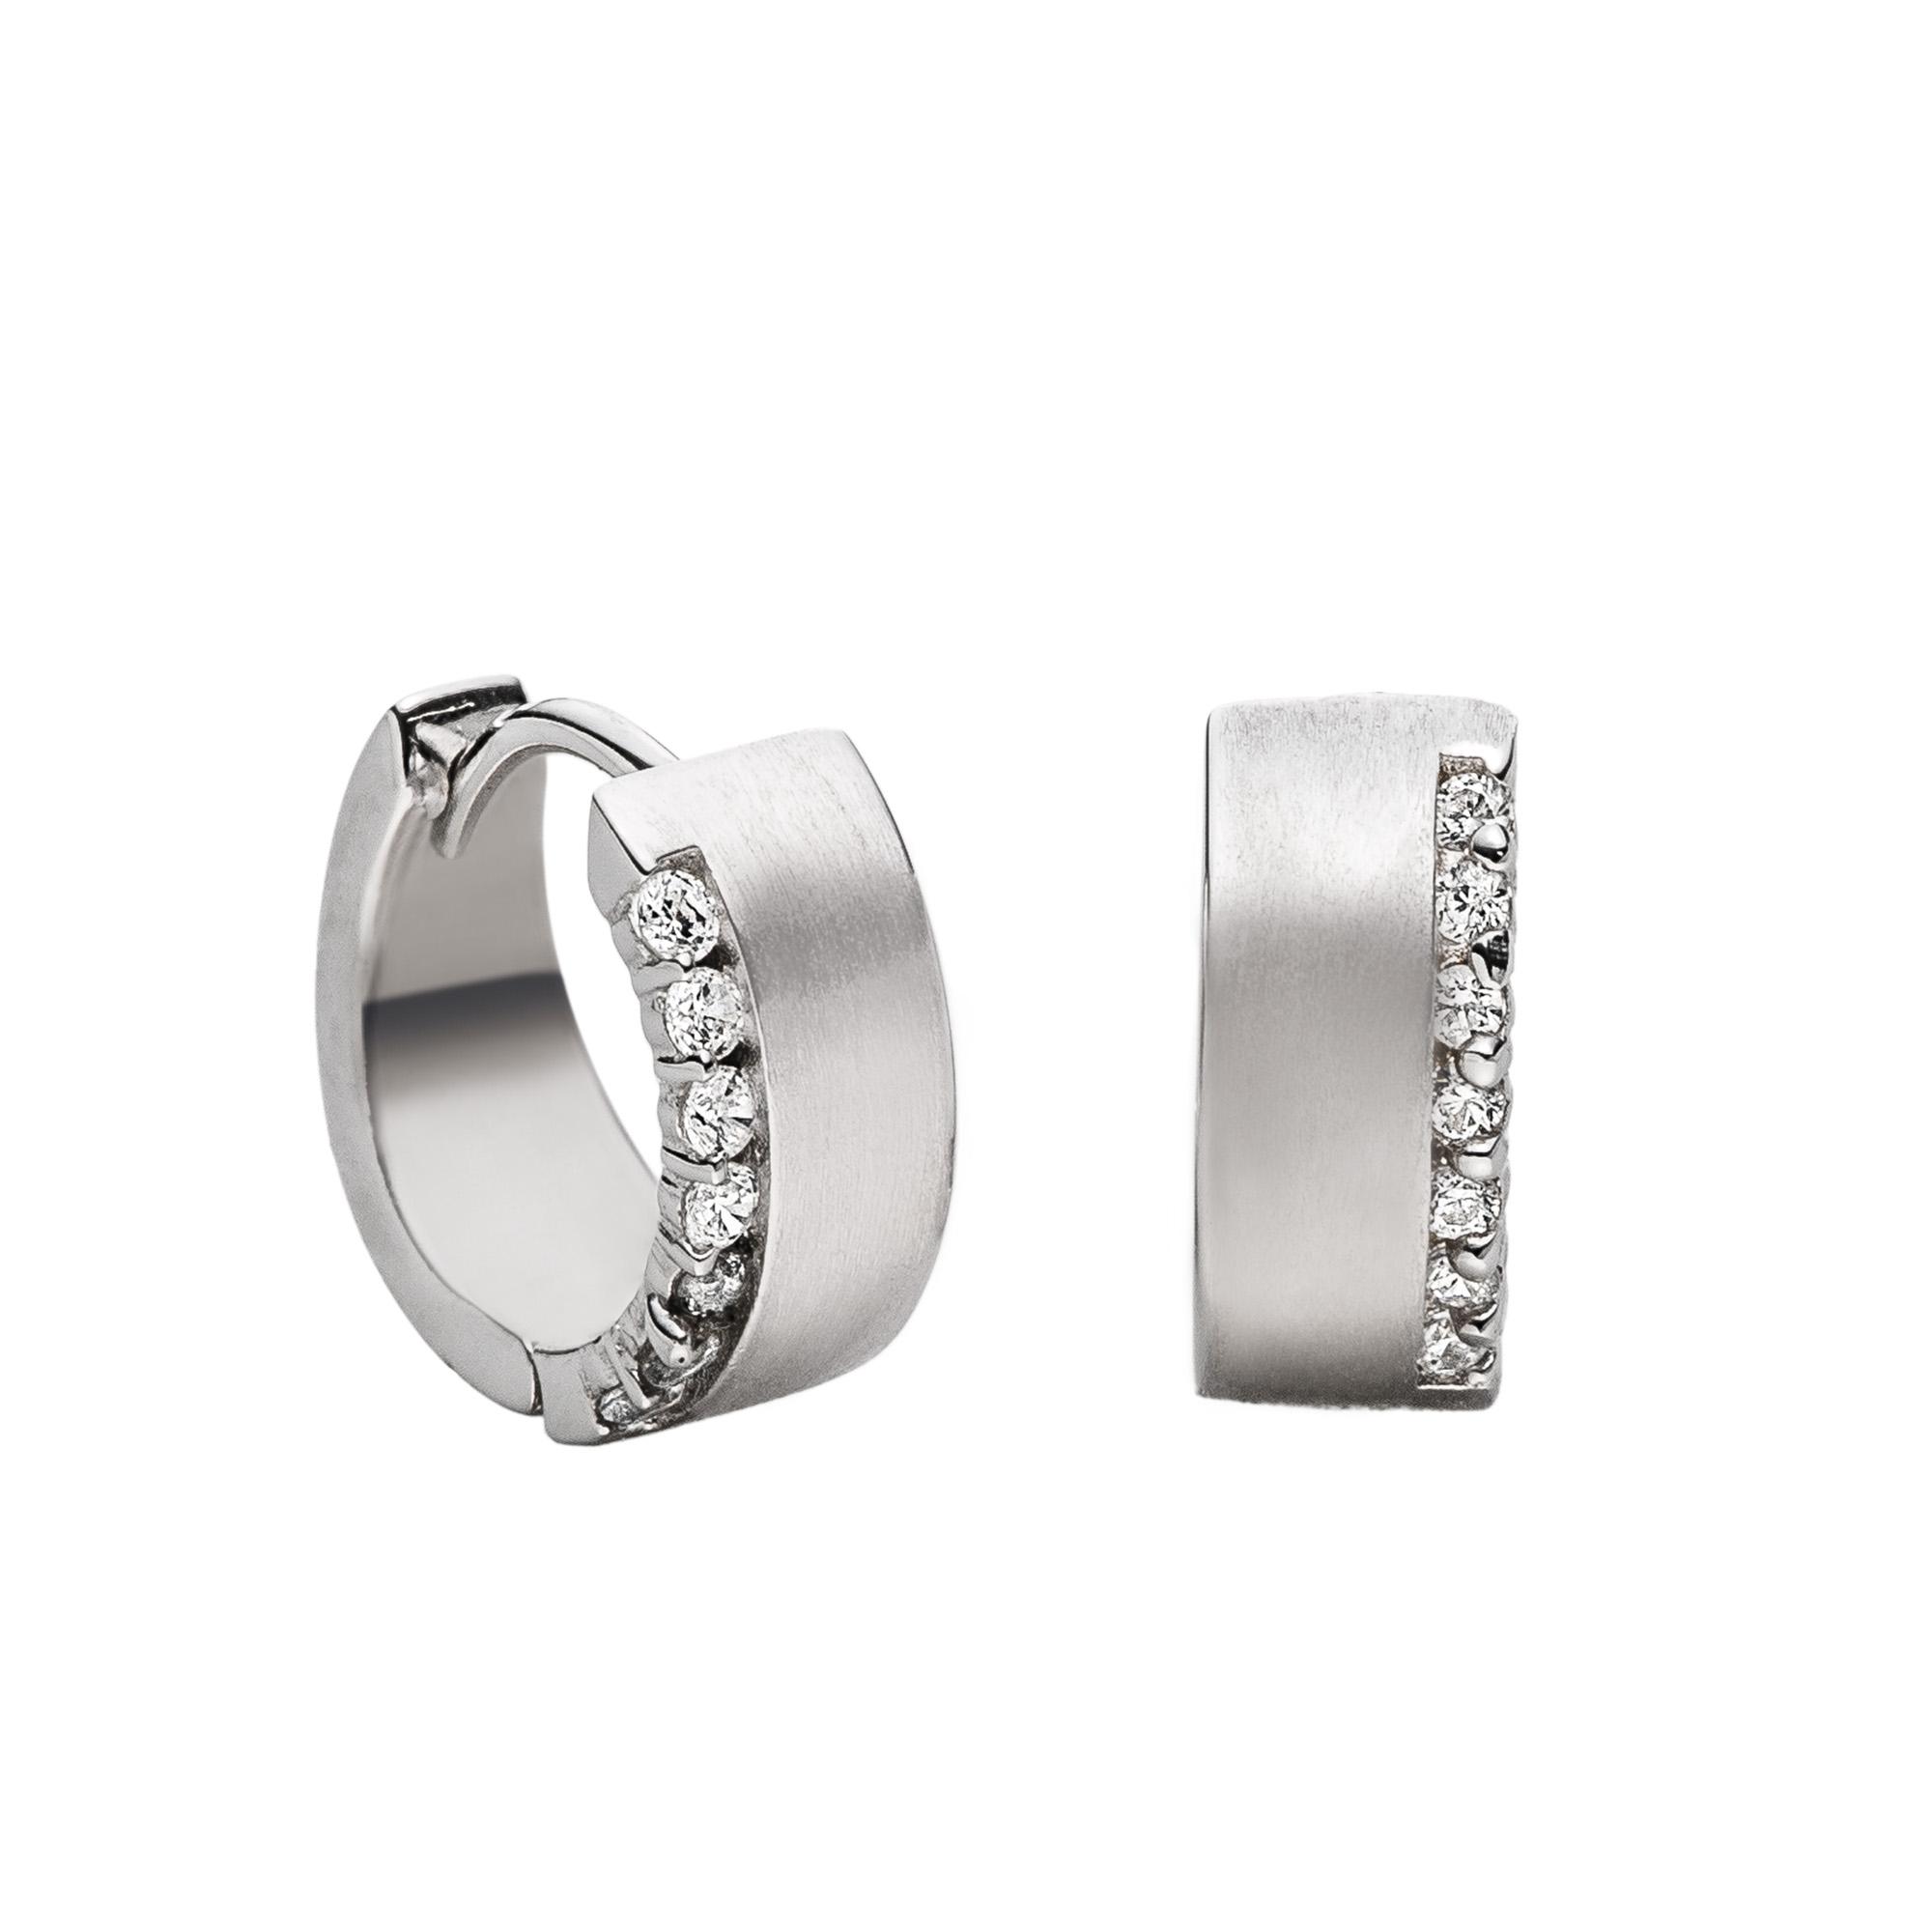 Juwelier Kraemer Ohrringe Zirkonia 925 Silber Juwelier Kraemer